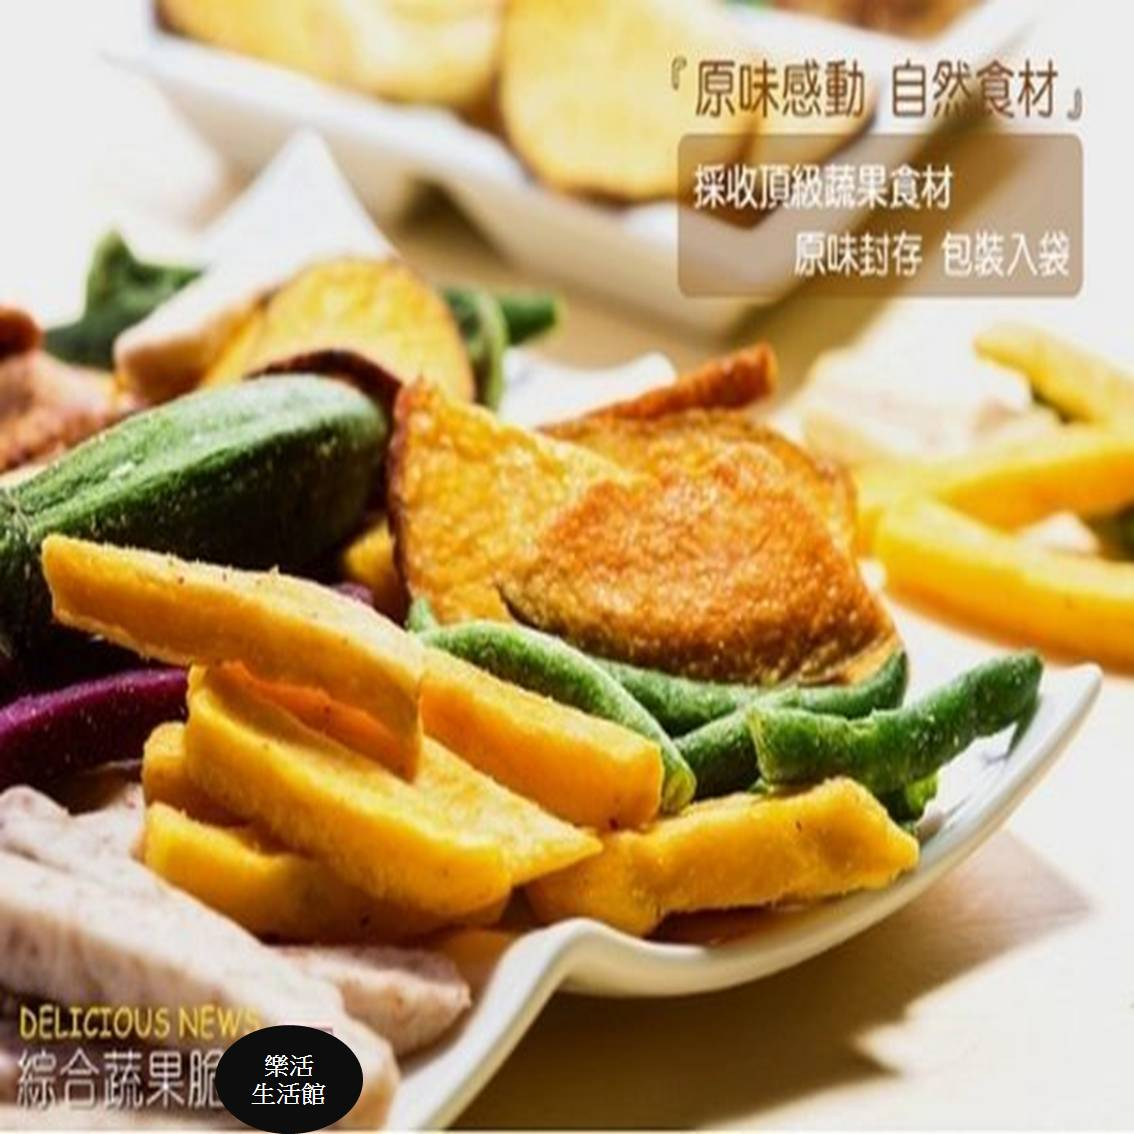 天然蔬果脆片系列 綜合蔬果/芋頭條小包裝 最天然的美味 【樂活生活館】